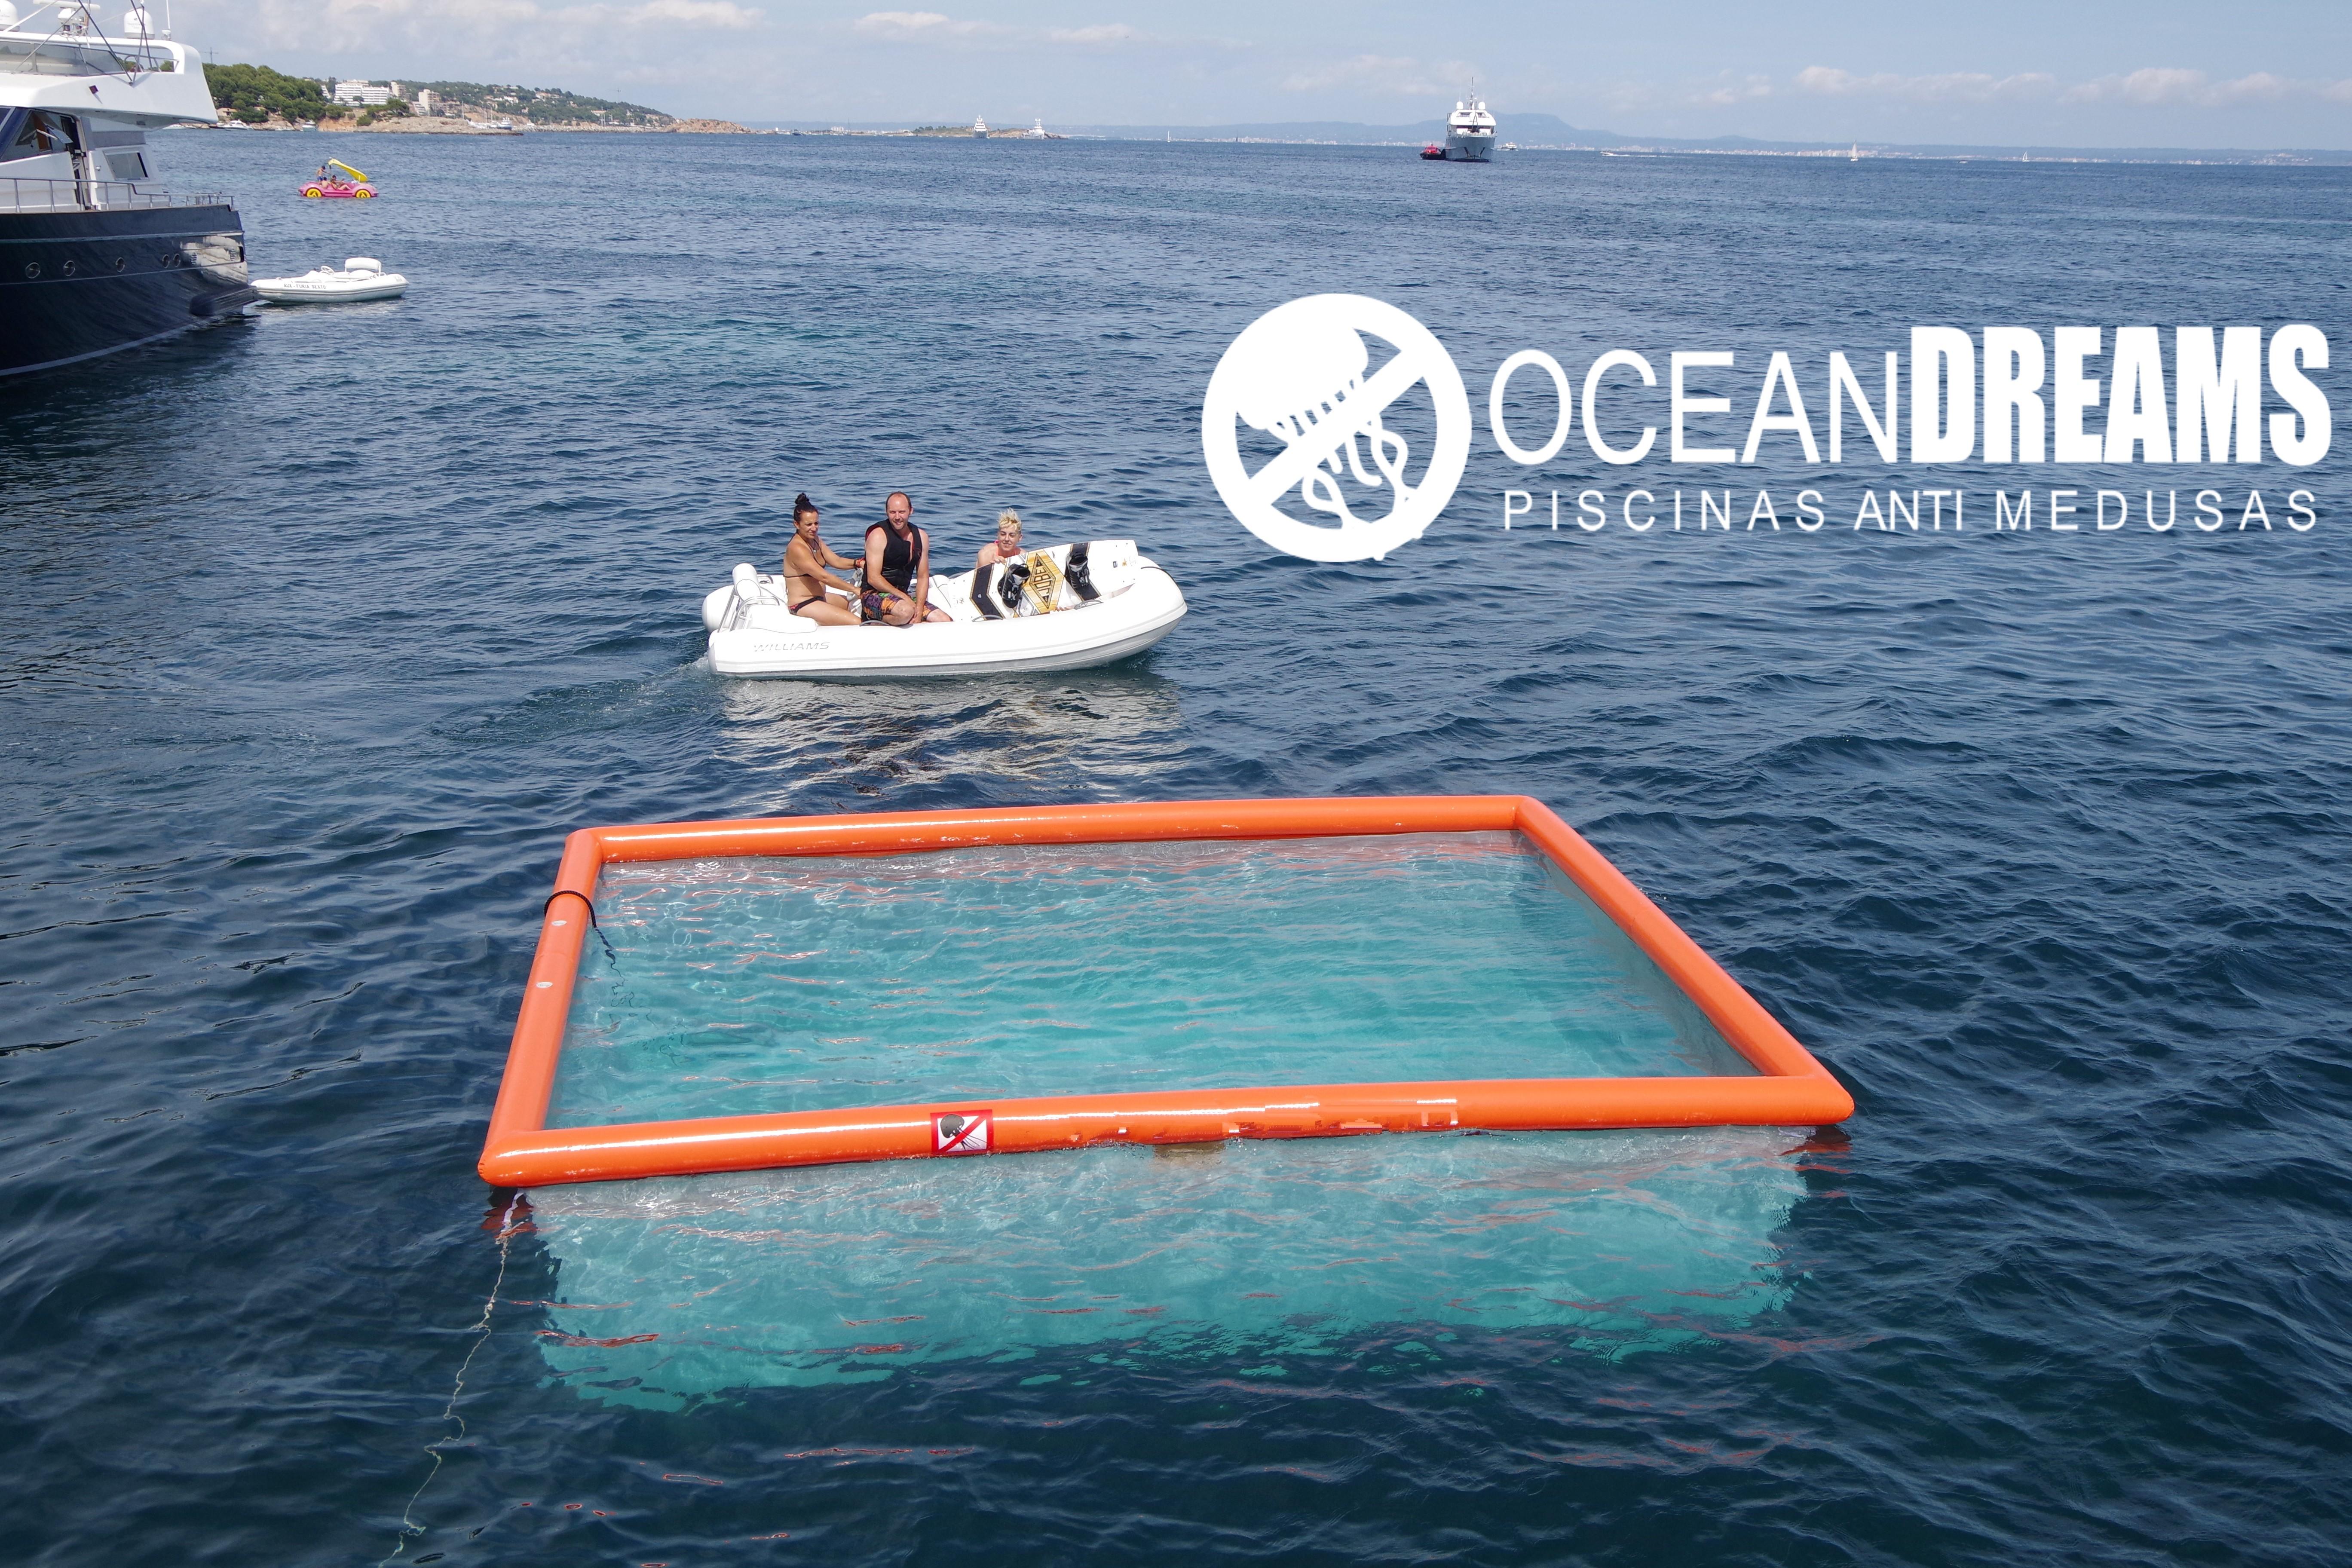 piscina hinchable OceanDreams protege contra las picaduras de las medusas